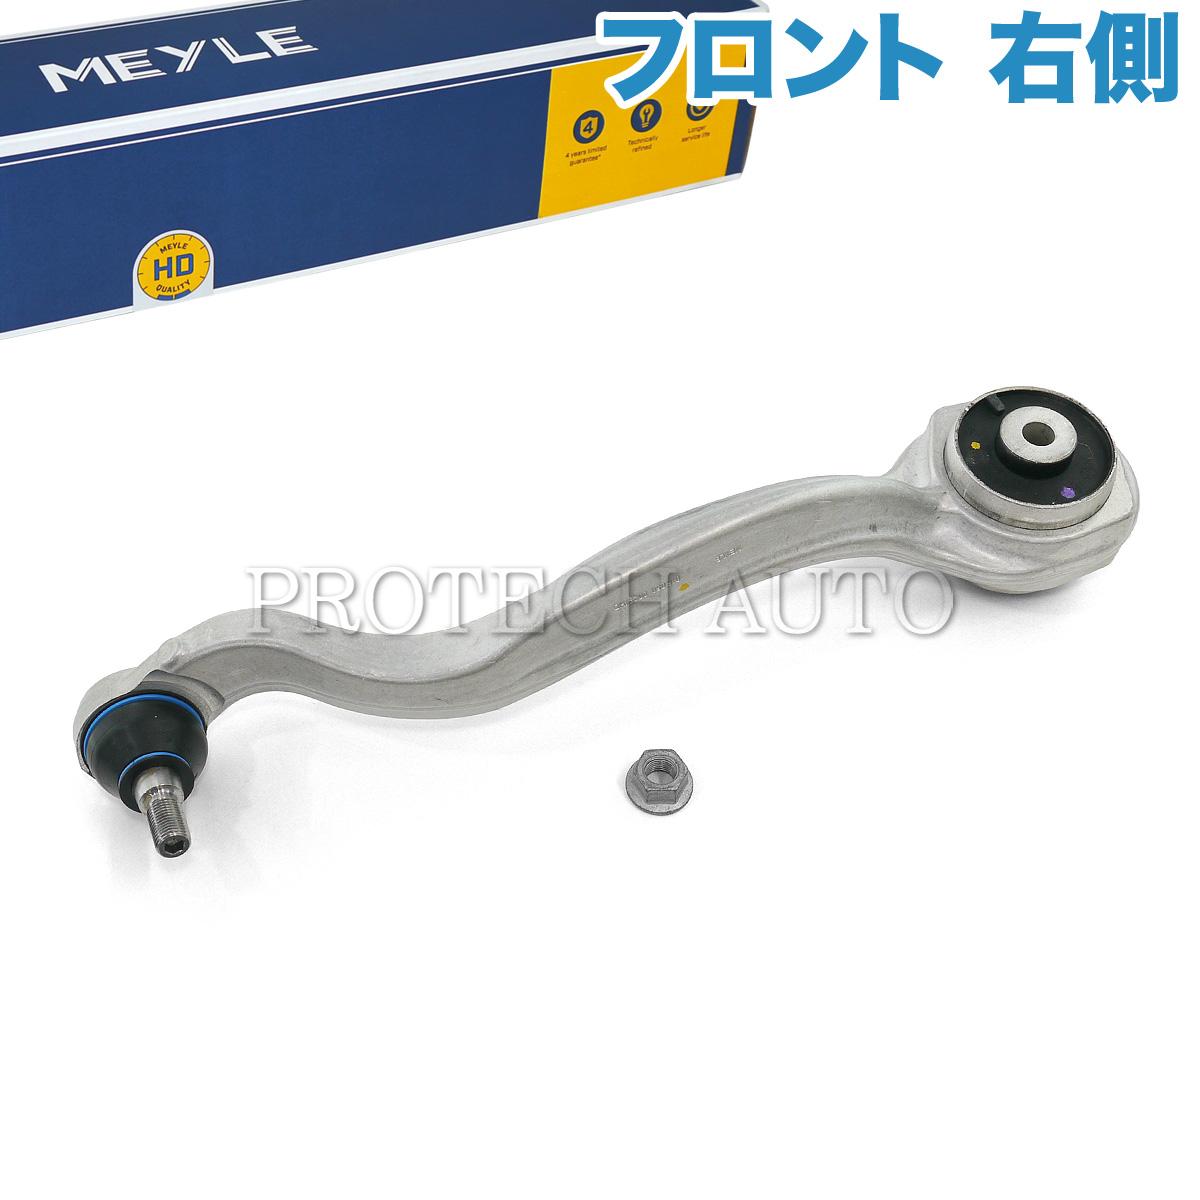 MEYLE製 ベンツ W212 E250 E300 E350 E400 E550 フロント プルストラットアーム/スラストロッド/テンションロッド 右側 HD(強化版) 2123302811【あす楽対応】